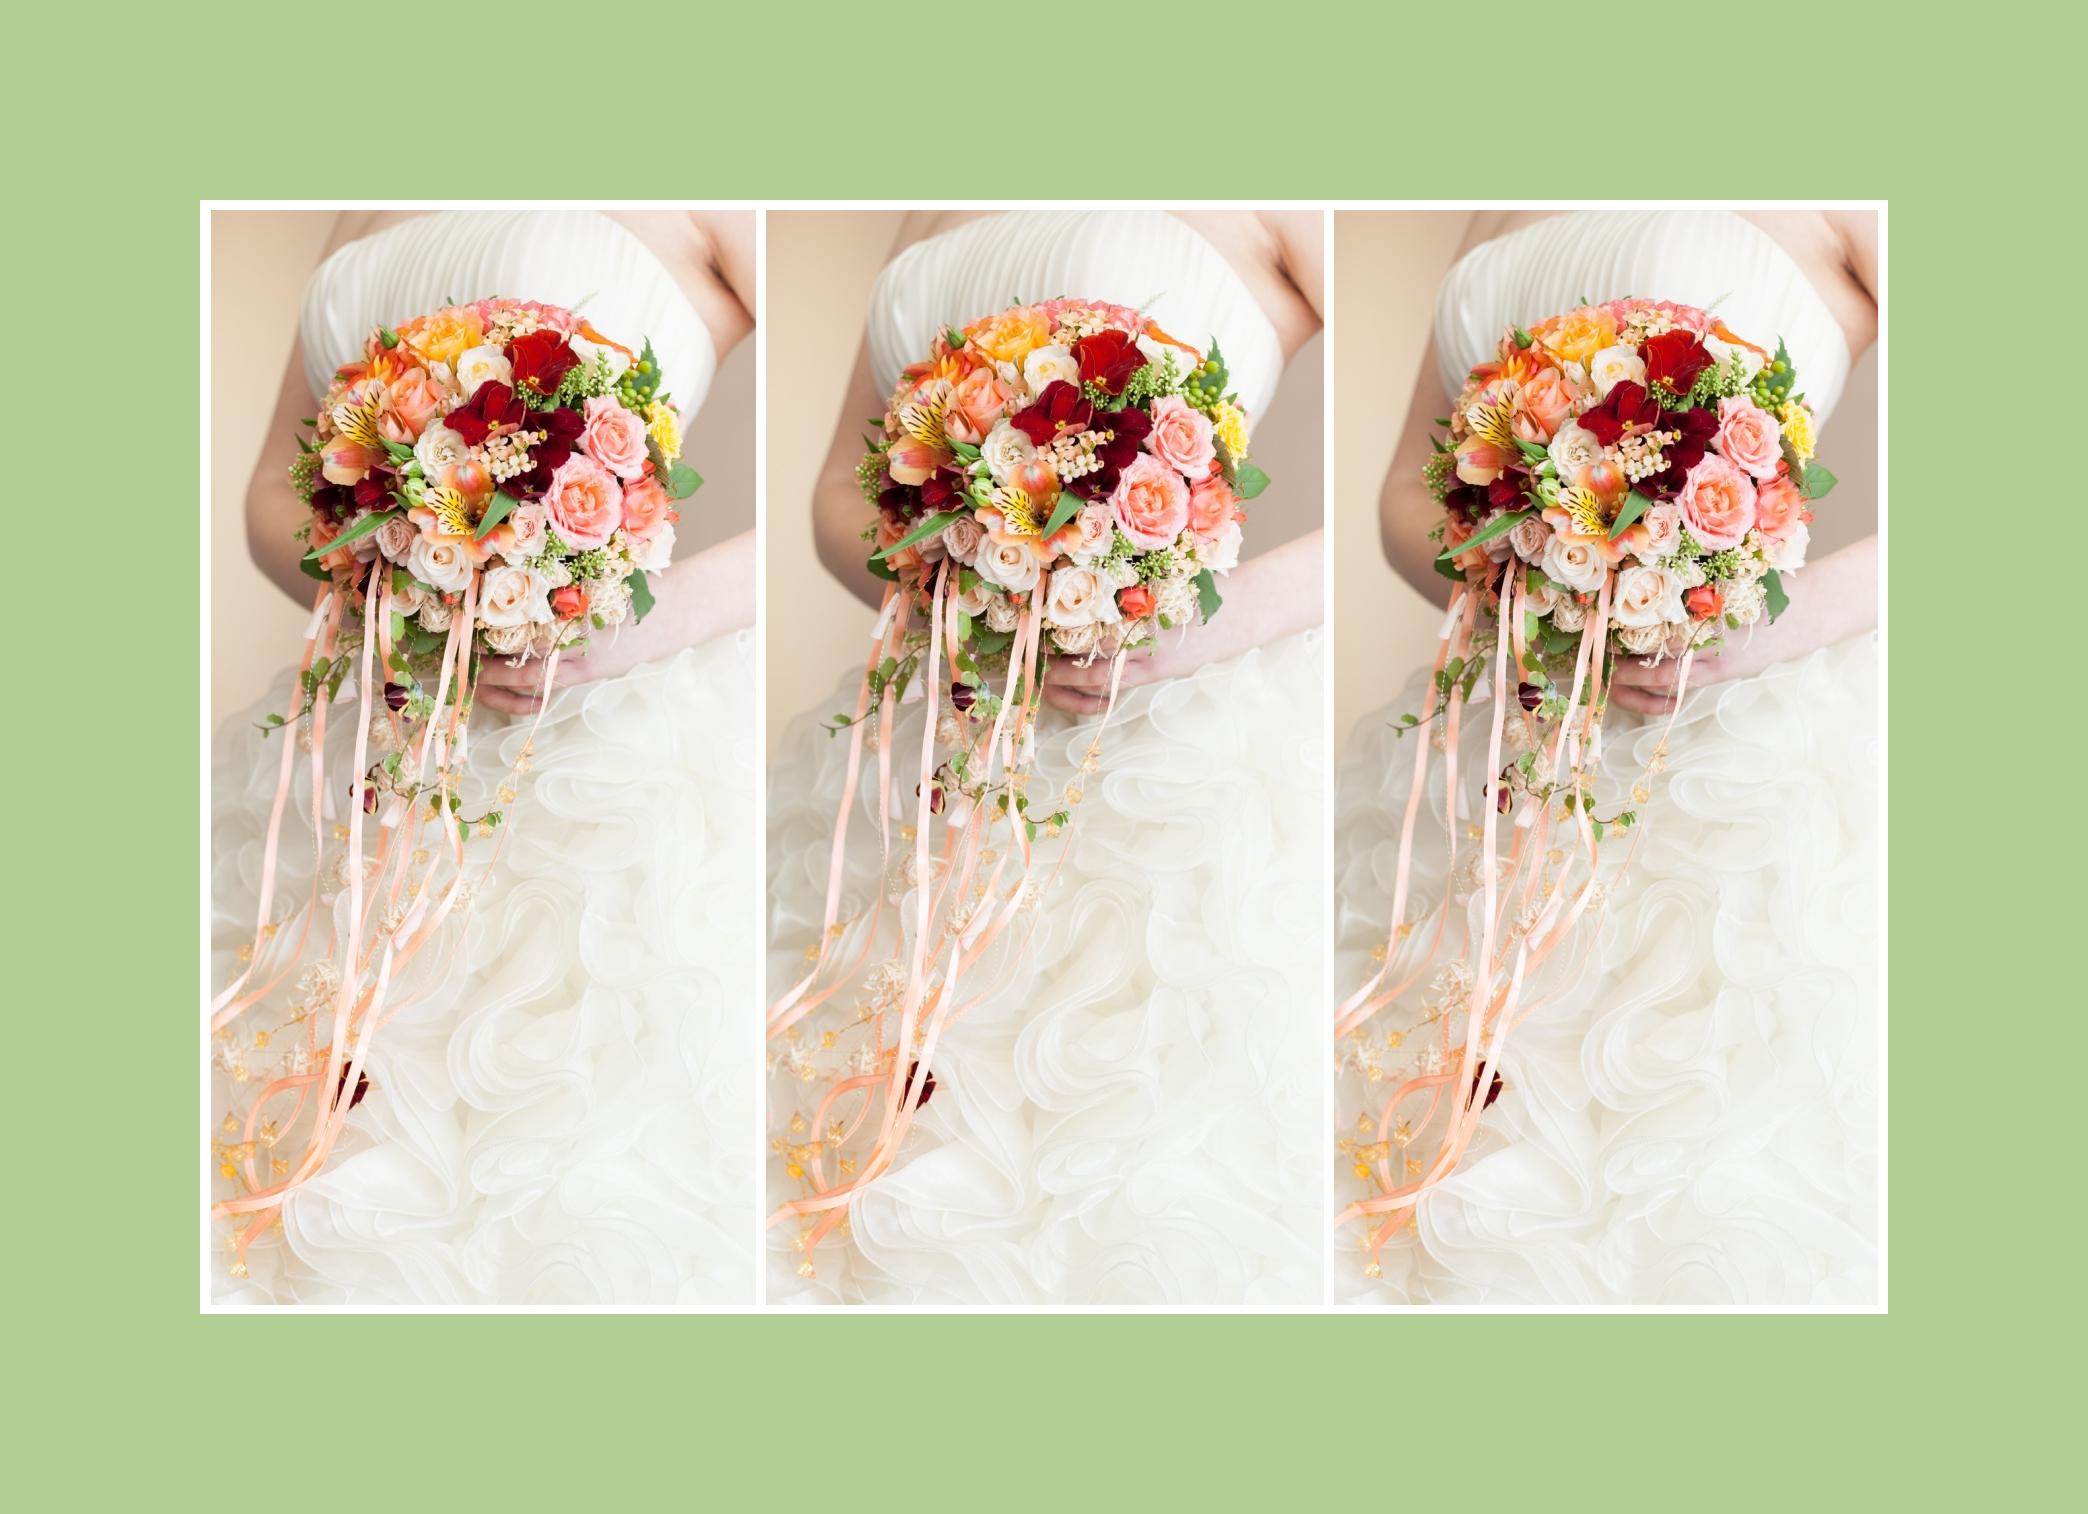 Brautstrauß mit unterschiedlicher Blumenzusammensetzung